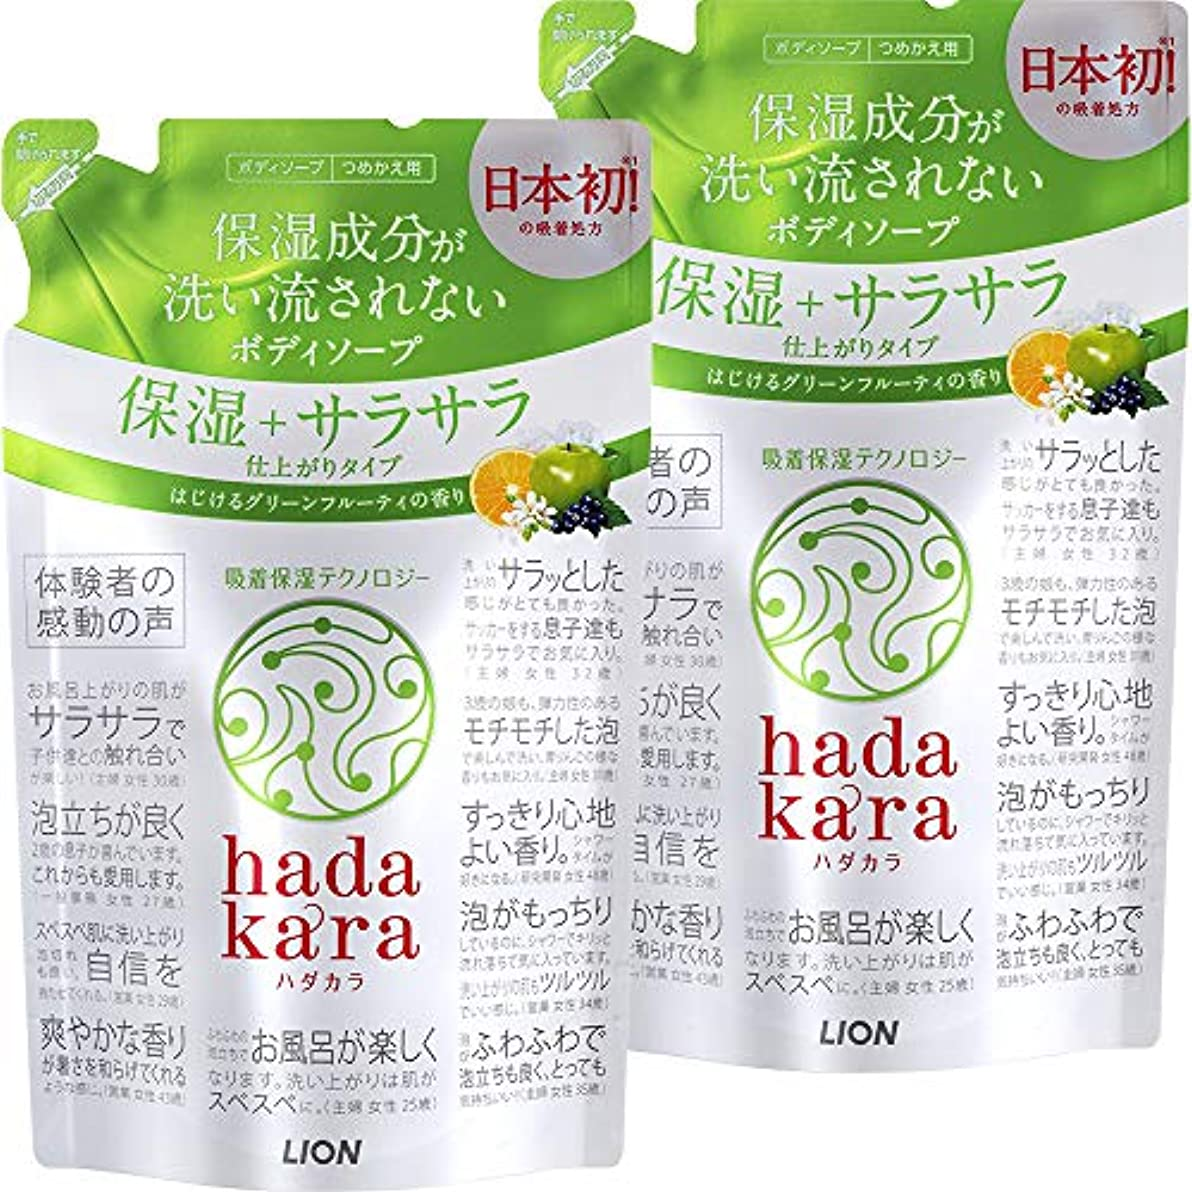 名目上の前件時間【まとめ買い】hadakara(ハダカラ) ボディソープ 保湿+サラサラ仕上がりタイプ グリーンフルーティの香り 詰め替え 340ml×2個パック